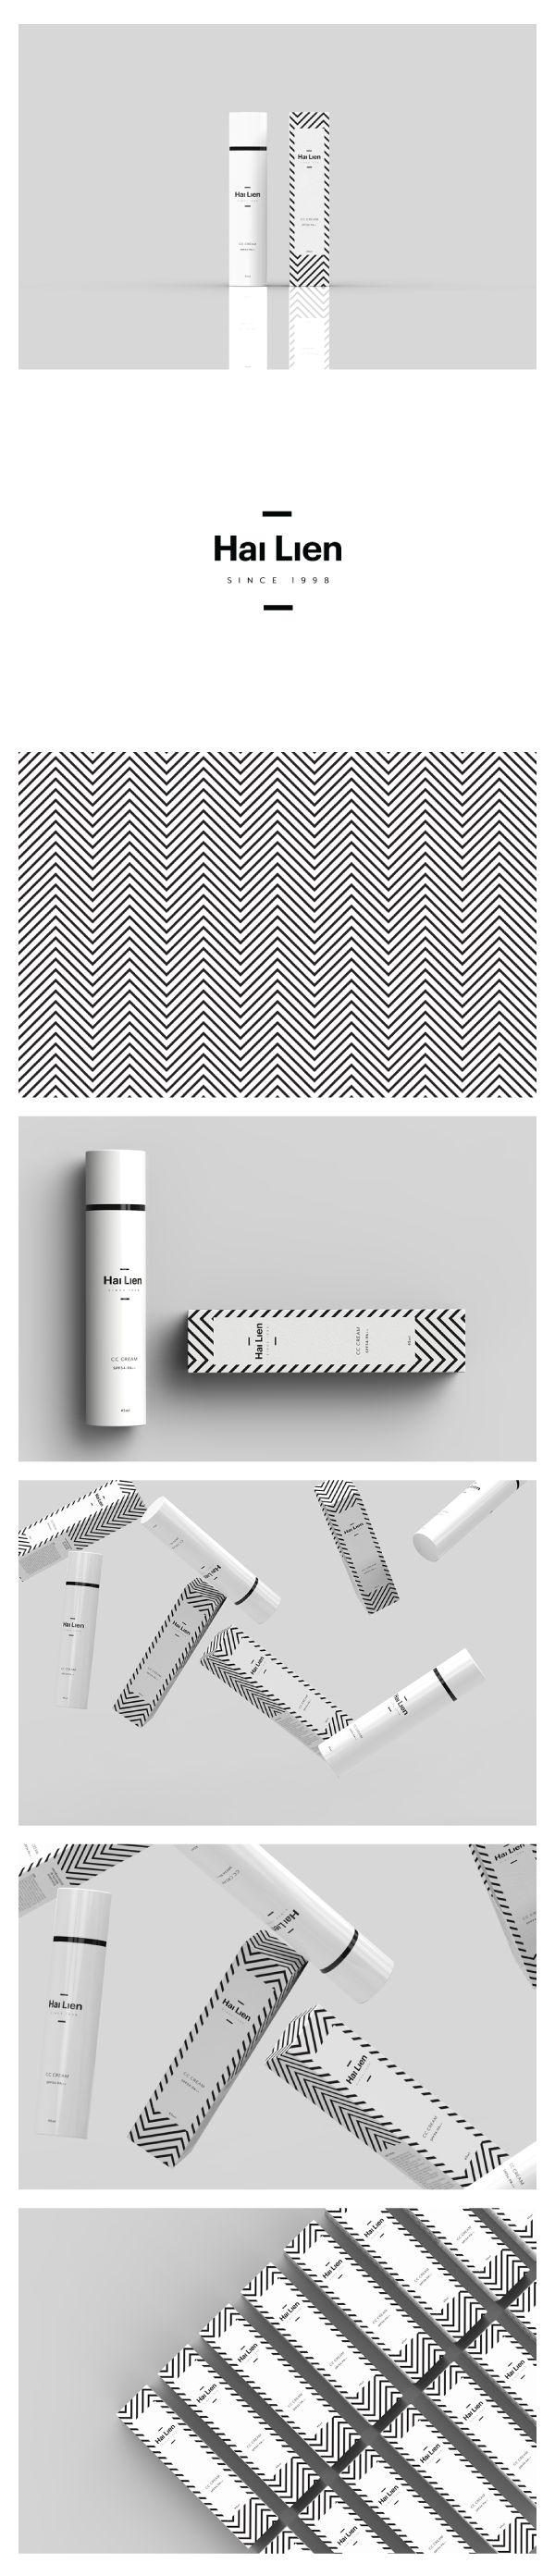 Branding & Packaging for Hai Lien skincare by minimlist.